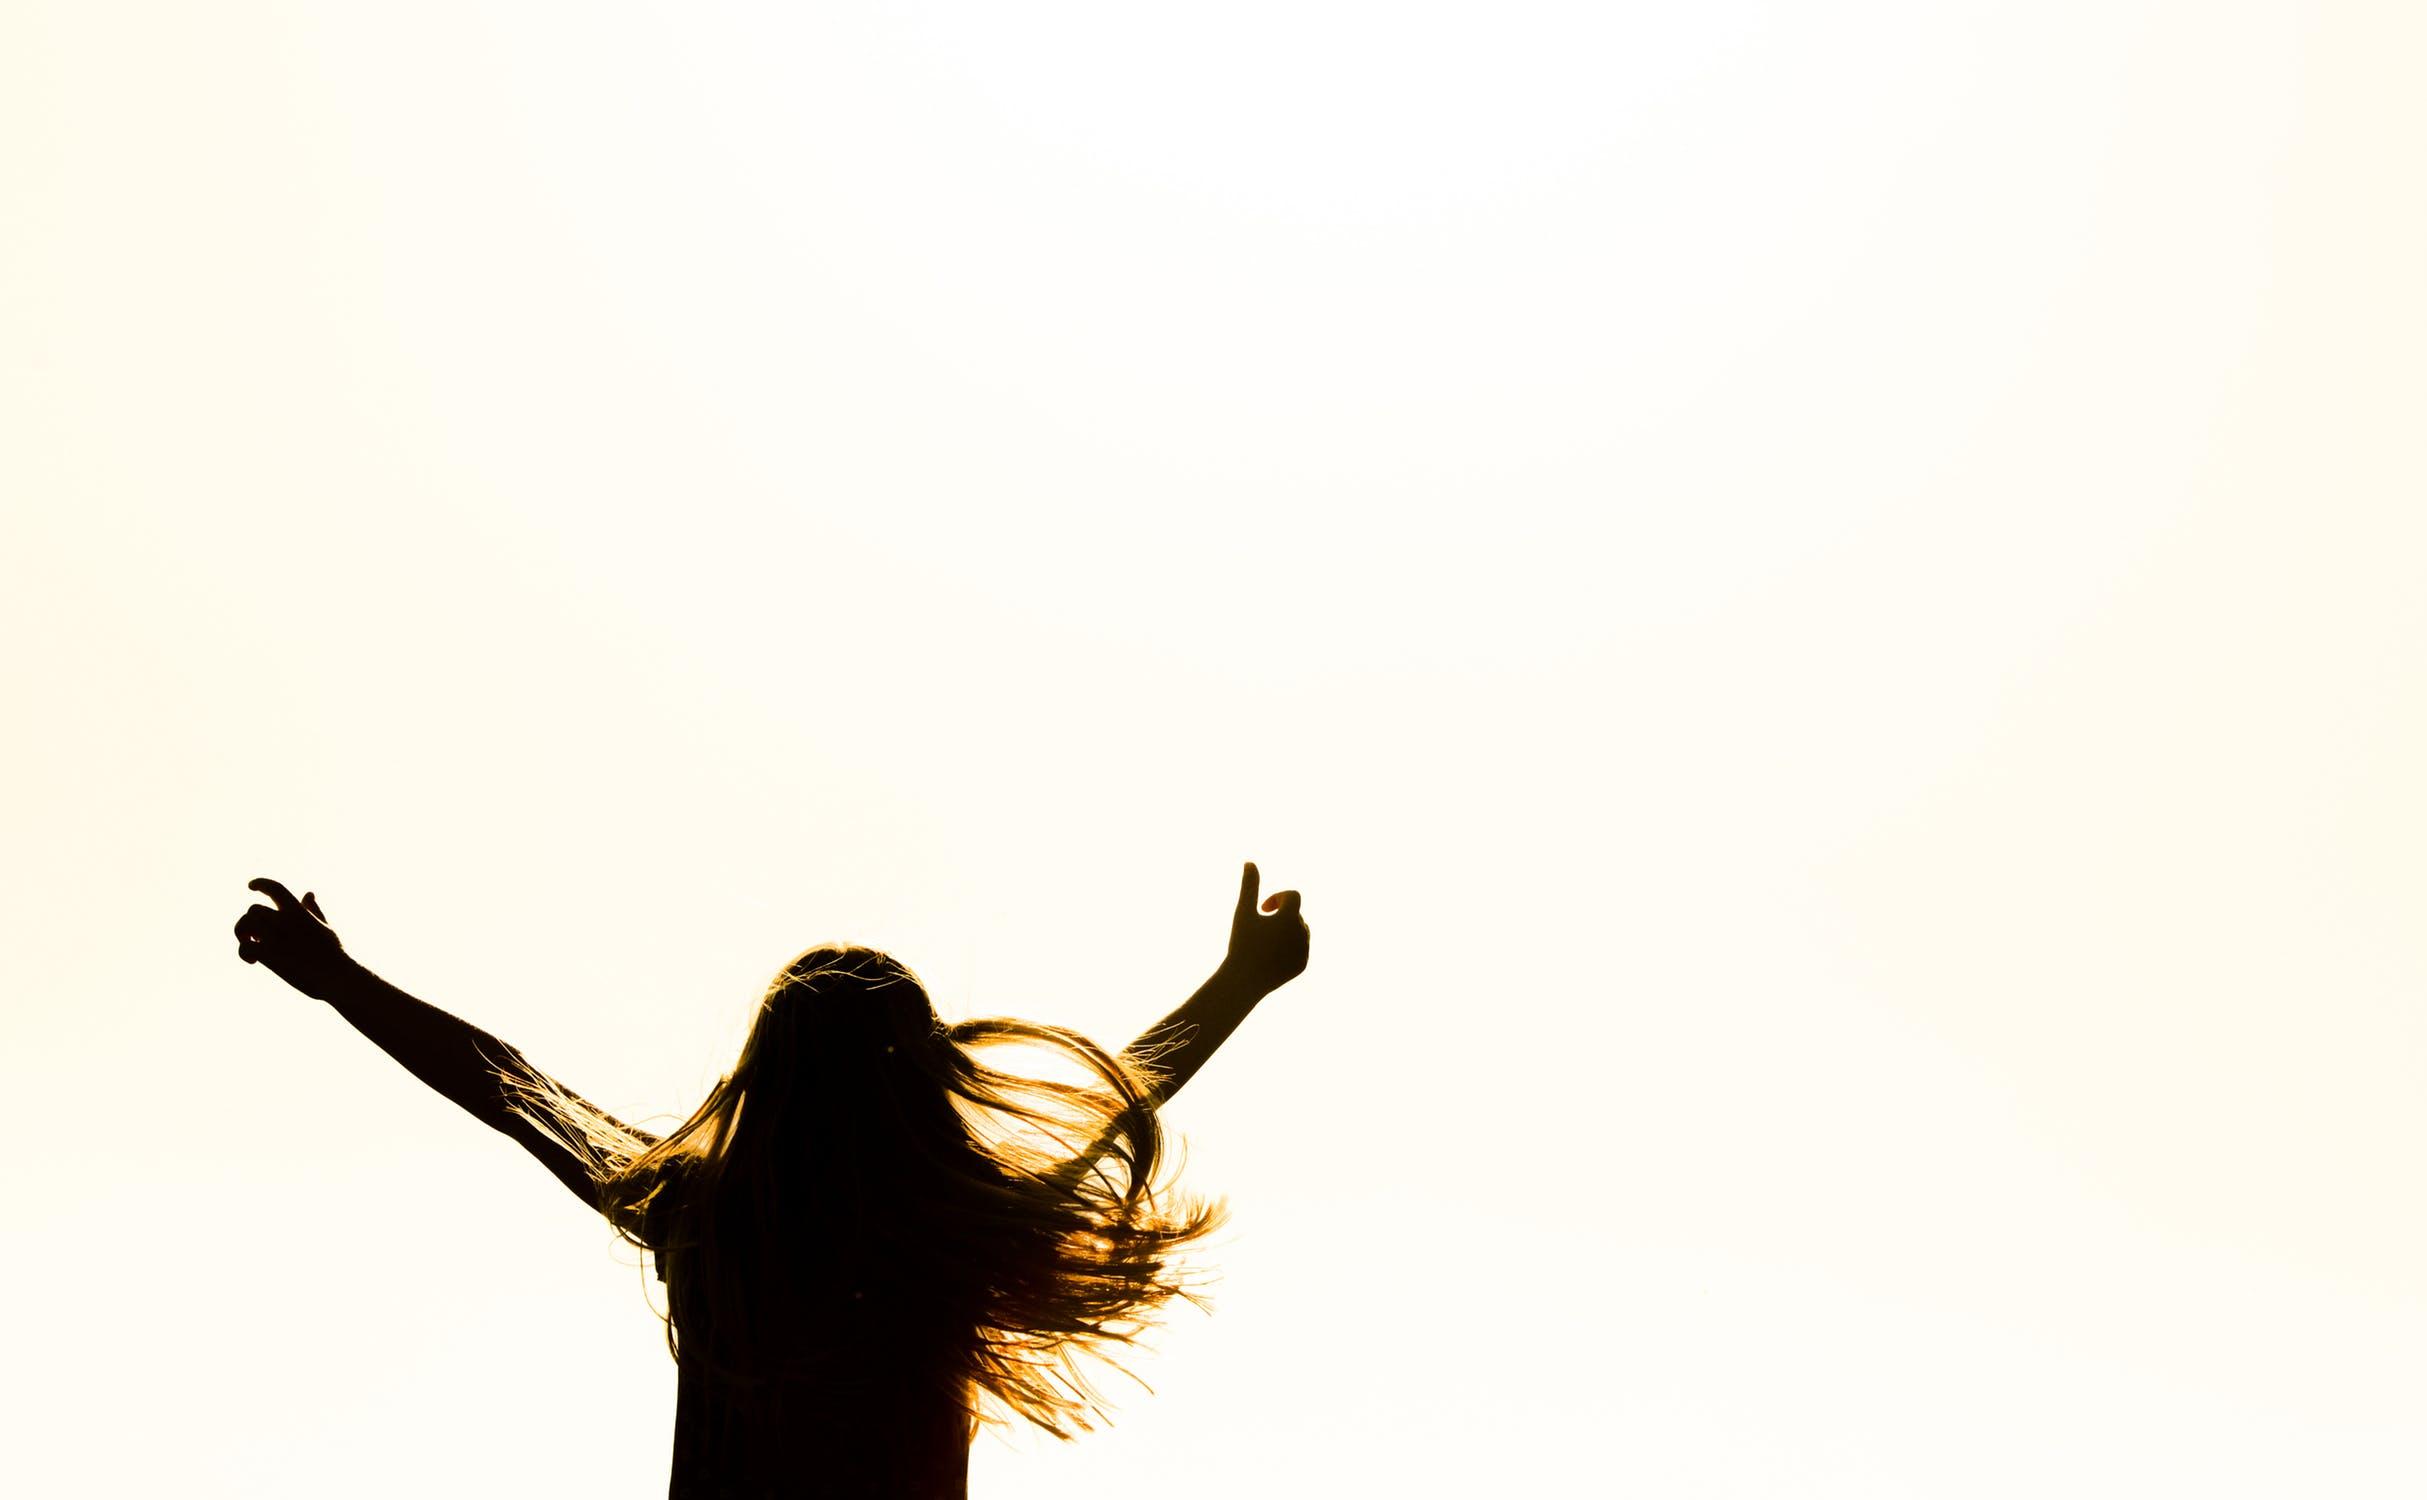 happy joy jump yay